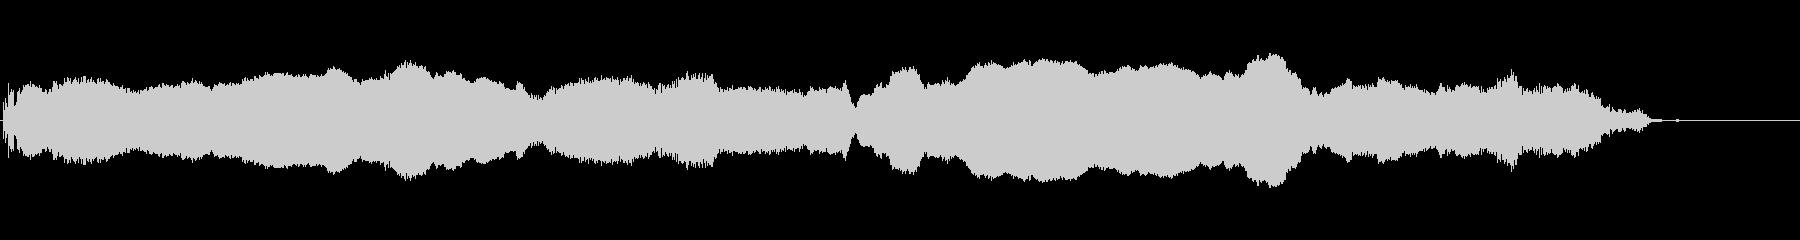 ヴァイオリン:上下にスライド、漫画...の未再生の波形